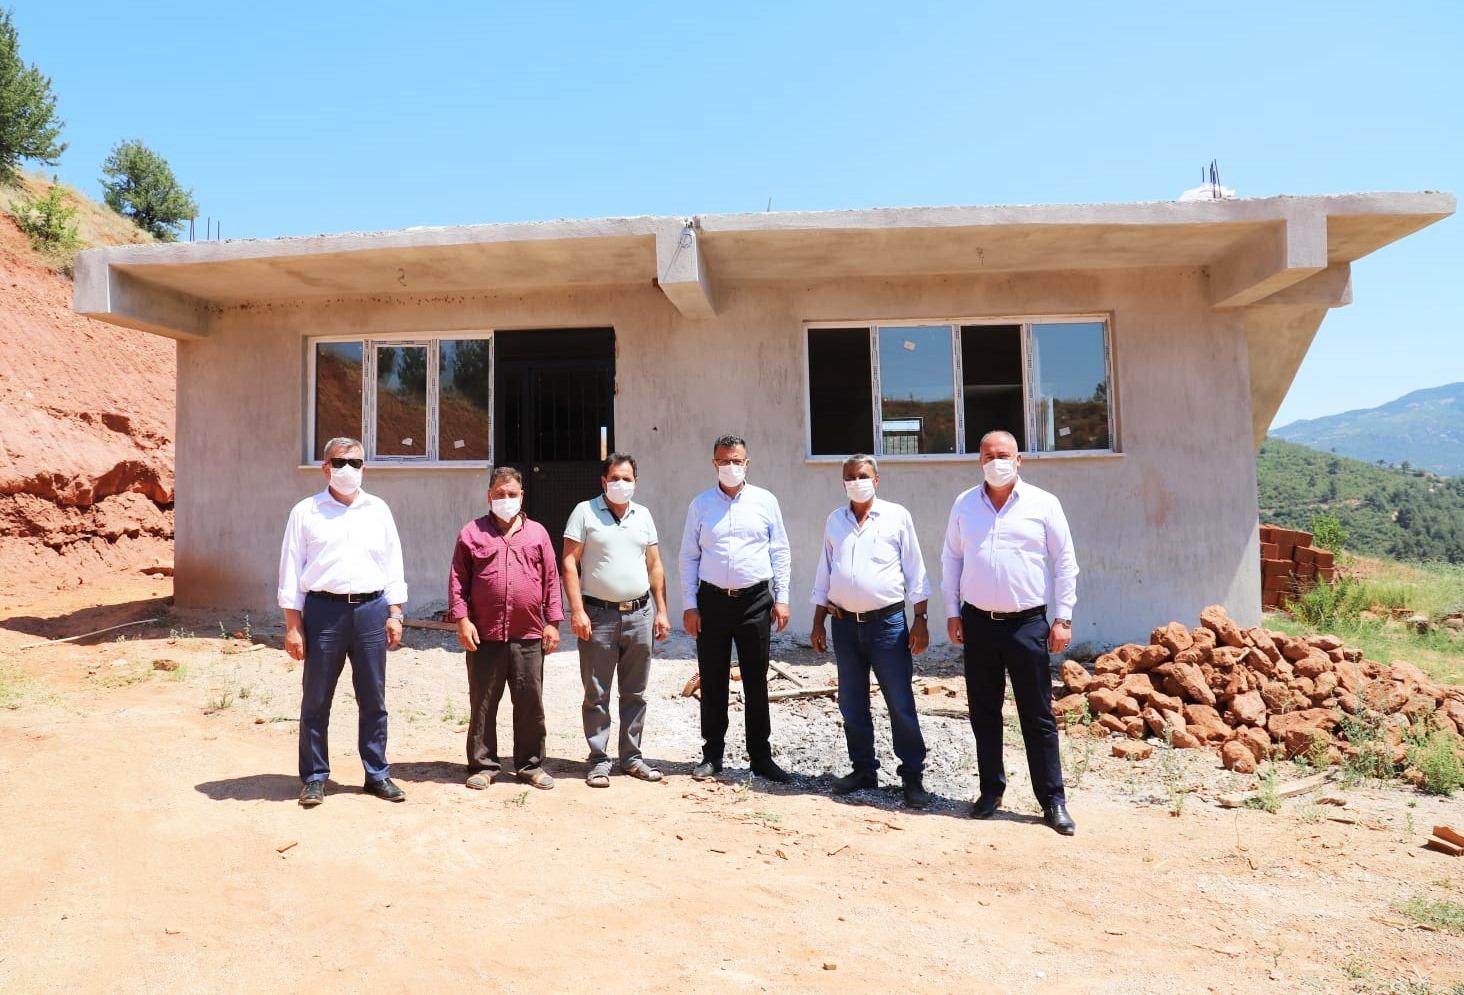 Başkan Yardımcılarımız Halis Özcan ve Muammer İbişoglu ile birlikte Osmaniye Mahallemizi ziyaret ettik.